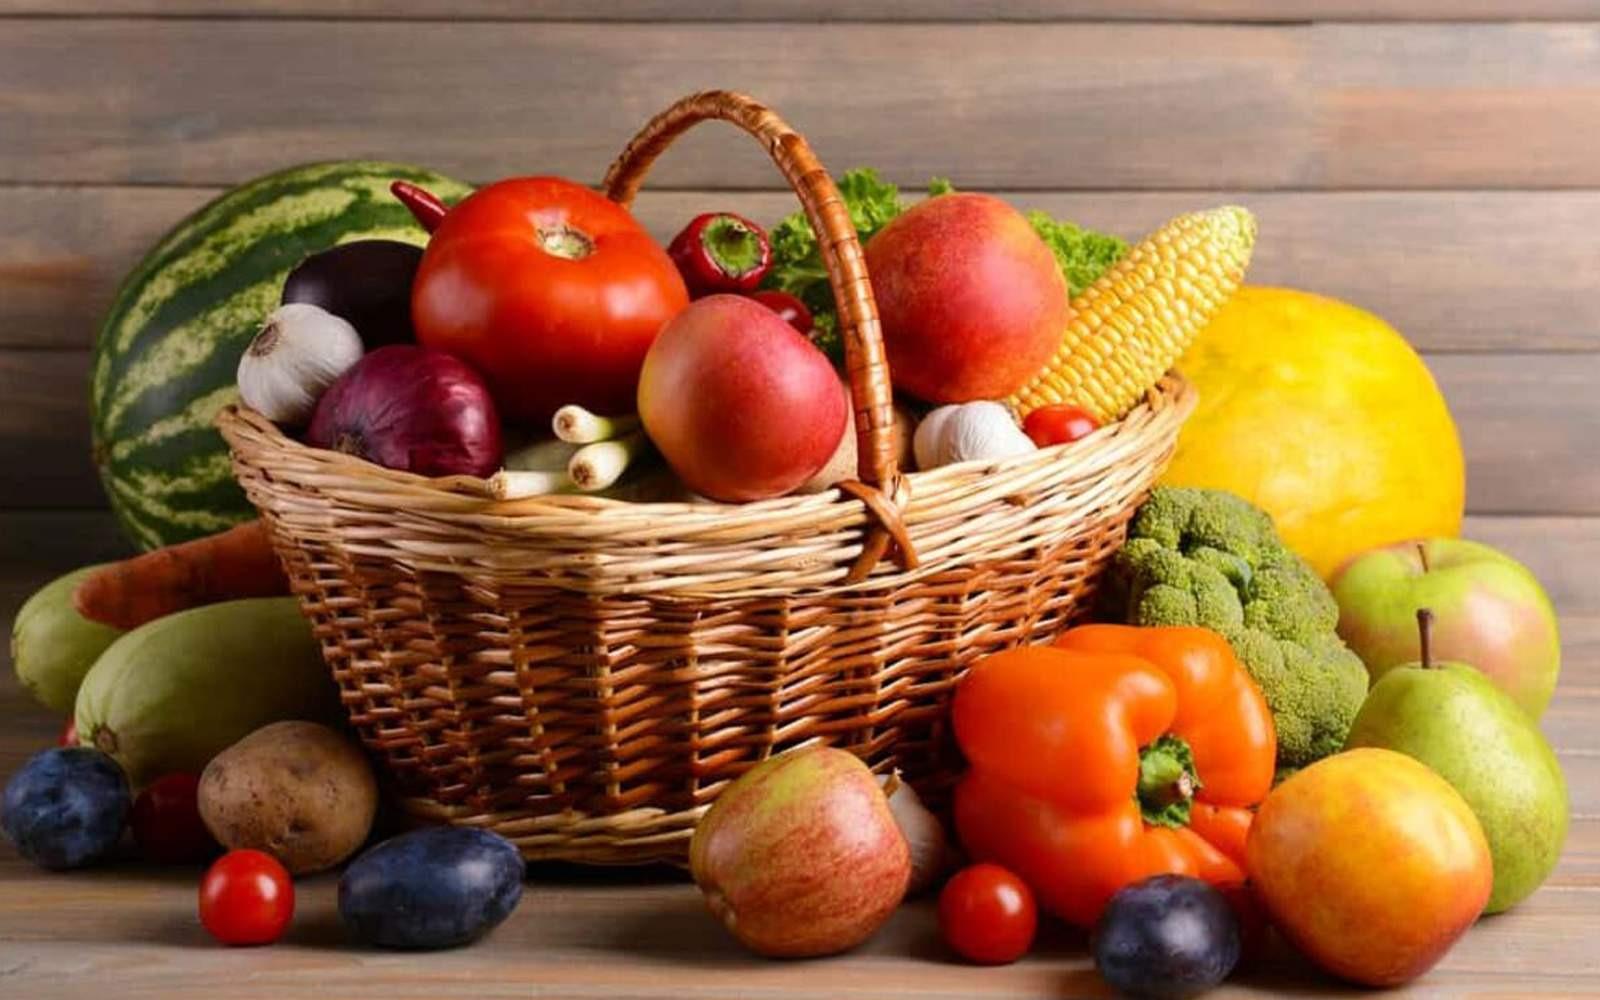 Berapa Banyak Makanan yang Bisa Dikonsumsi Penderita Diabetes?